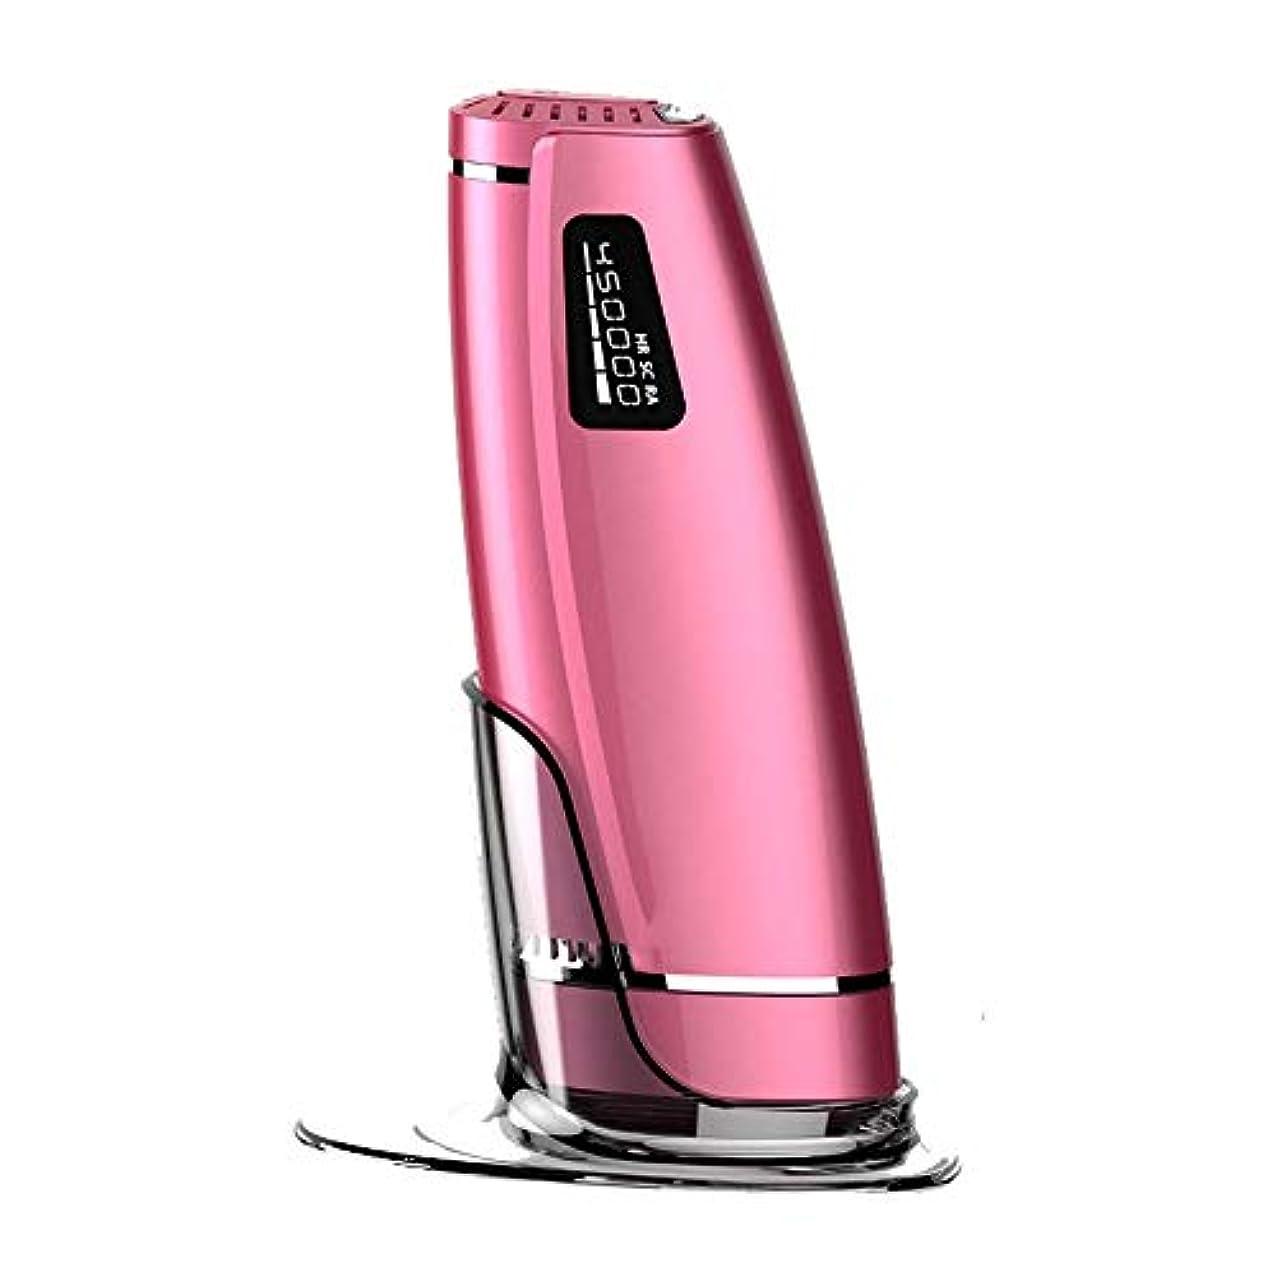 なくなる誇り麺携帯用永久的な毛の除去剤、ピンク、デュアルモード、自動痛みのない毛の除去剤、5スピード調整、サイズ20.5 X 4.5 X 7 Cm 安全性 (Color : Pink)